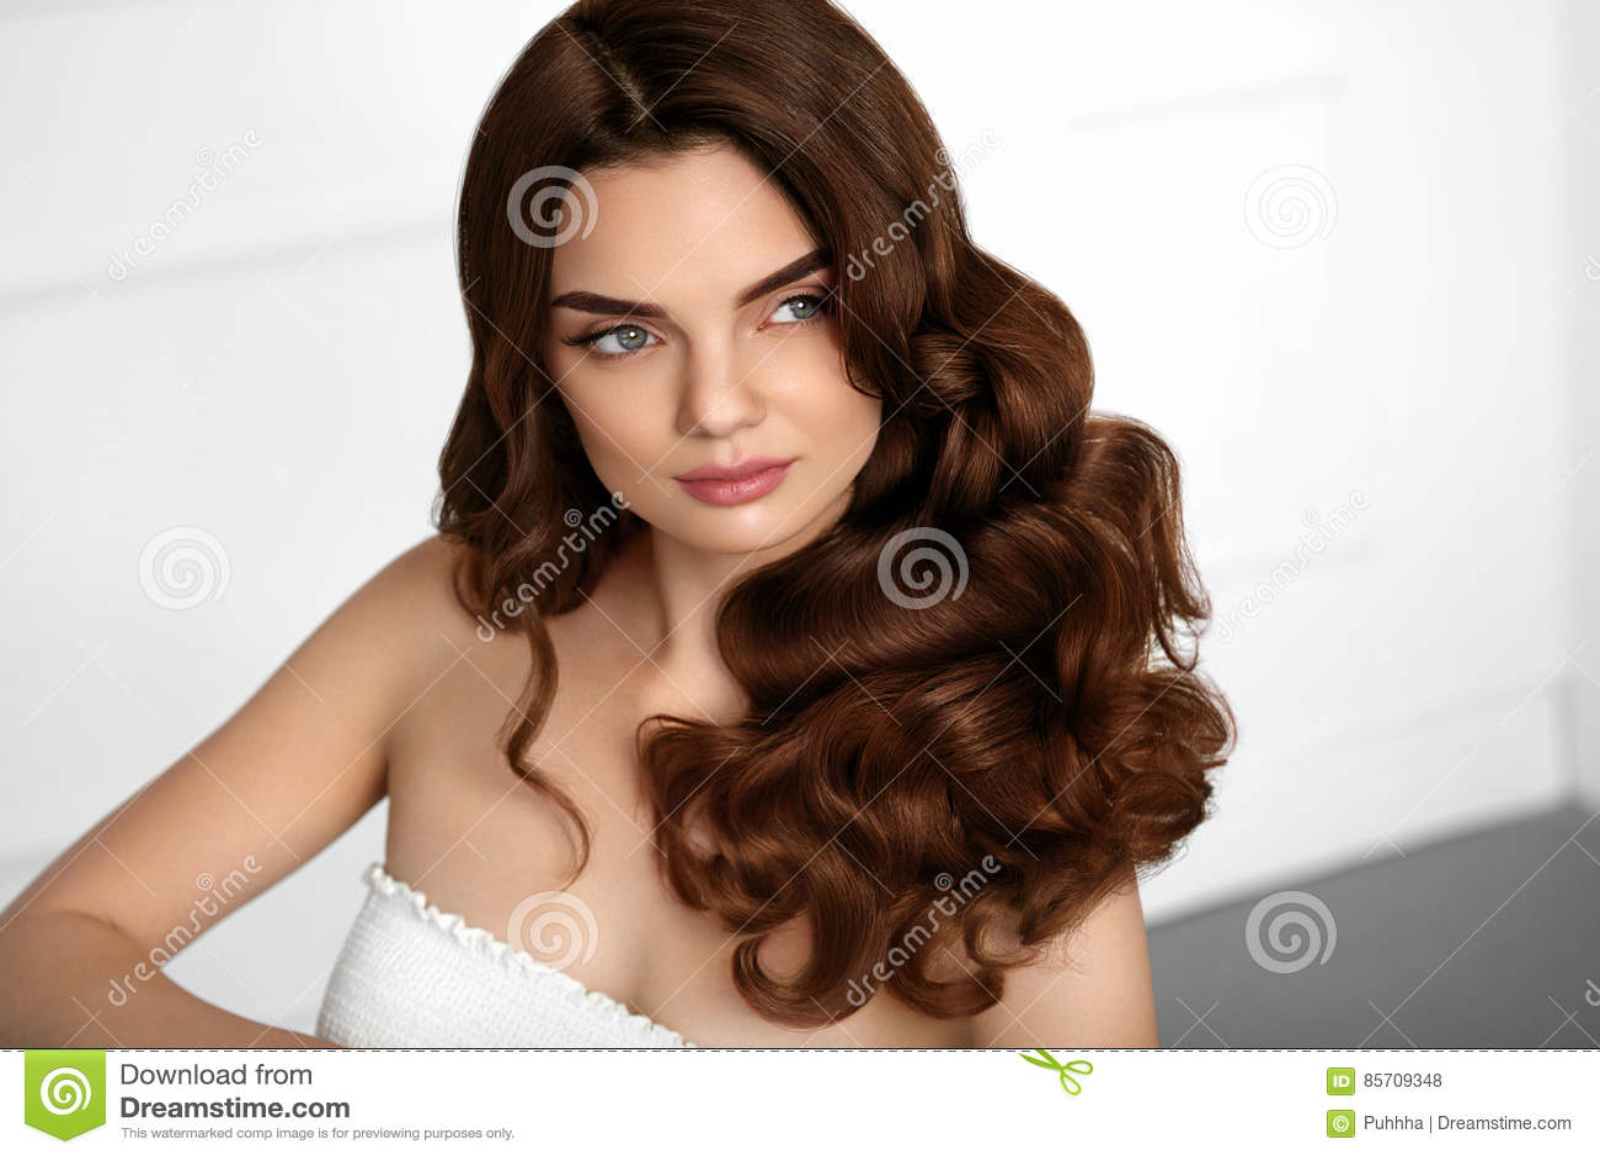 Schone haarfarben braun